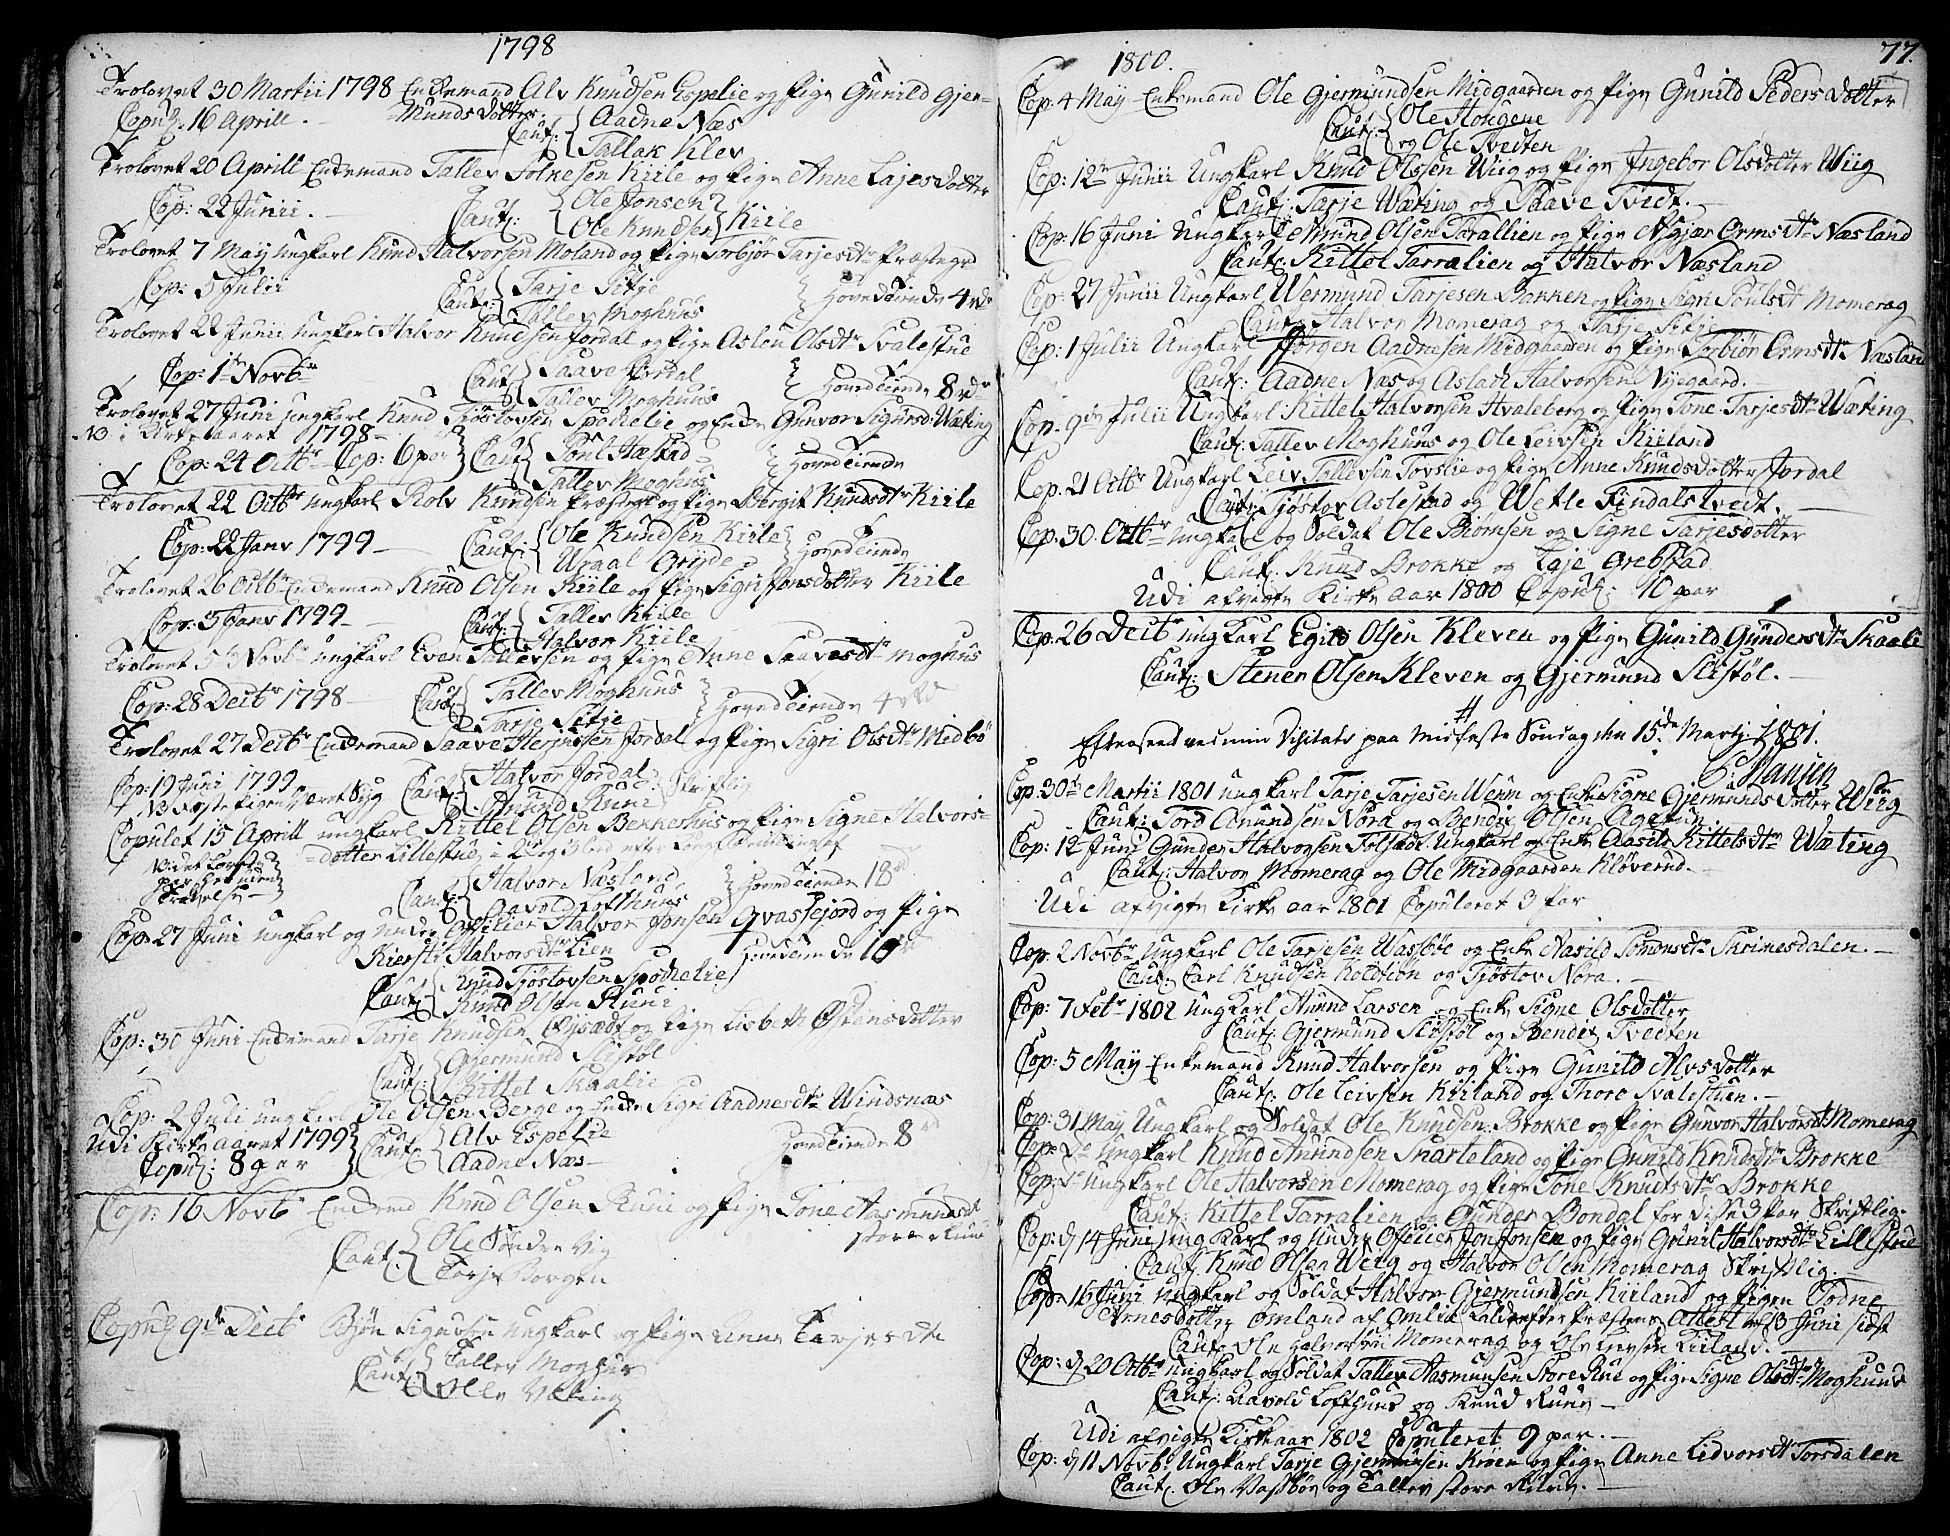 SAKO, Fyresdal kirkebøker, F/Fa/L0002: Ministerialbok nr. I 2, 1769-1814, s. 77